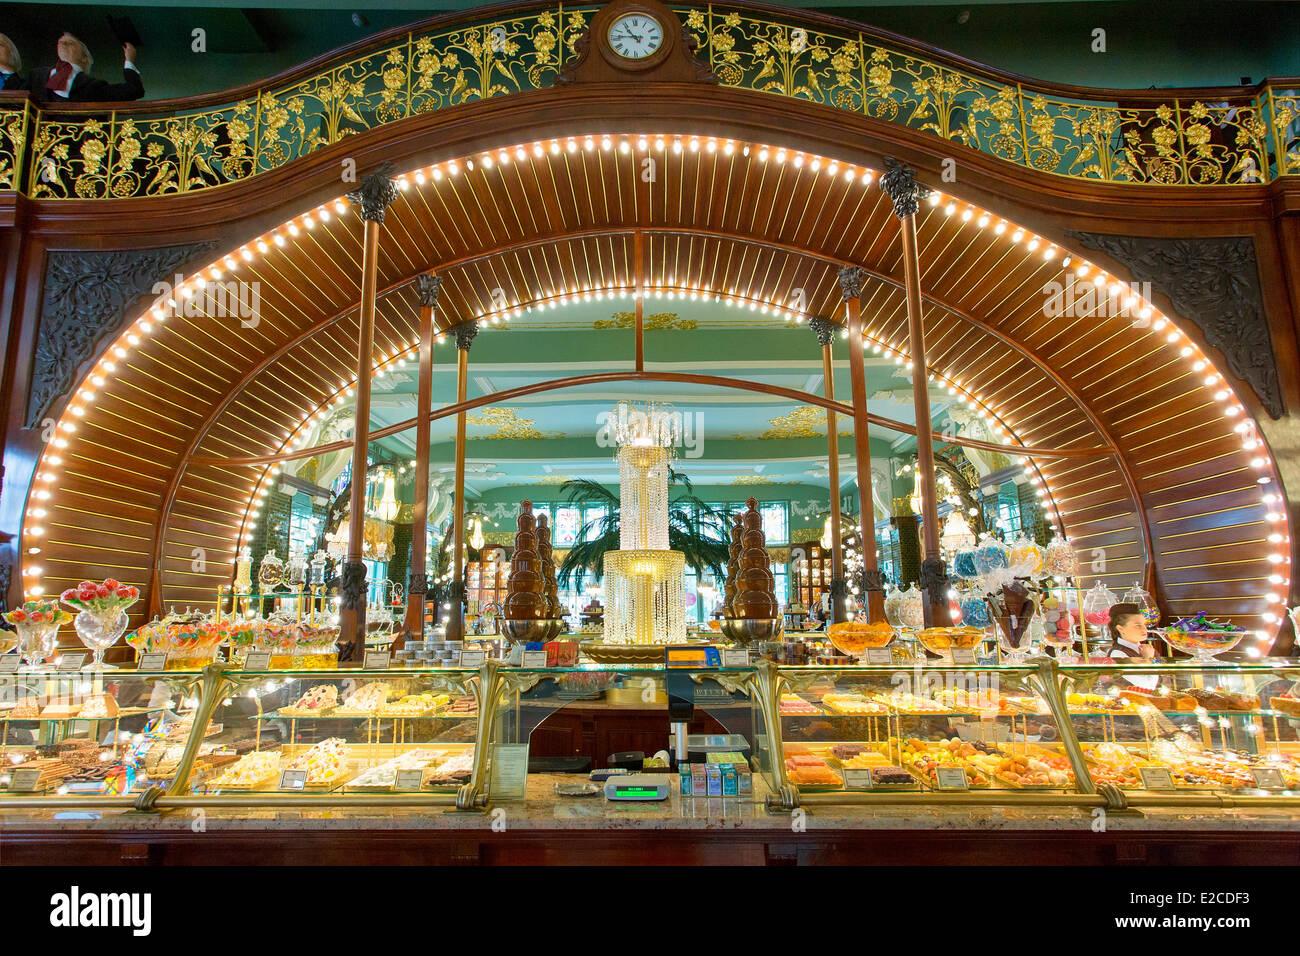 La Russie, Saint-Pétersbourg, inscrite au Patrimoine Mondial de l'UNESCO, magasin historique Yeliseyevsky Photo Stock